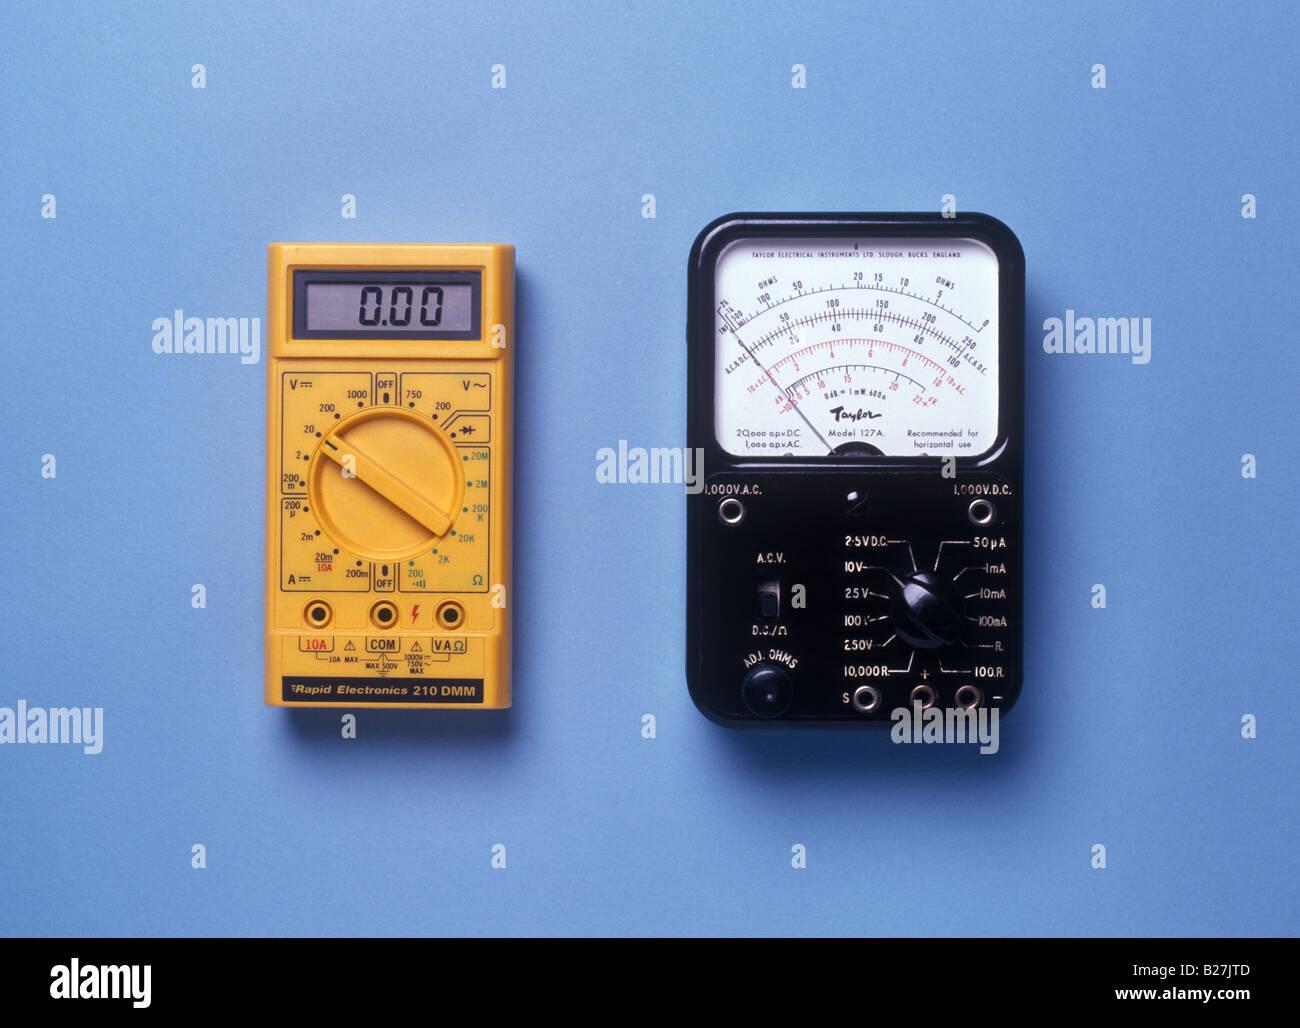 Medidores analógicos y digitales al lado Imagen De Stock